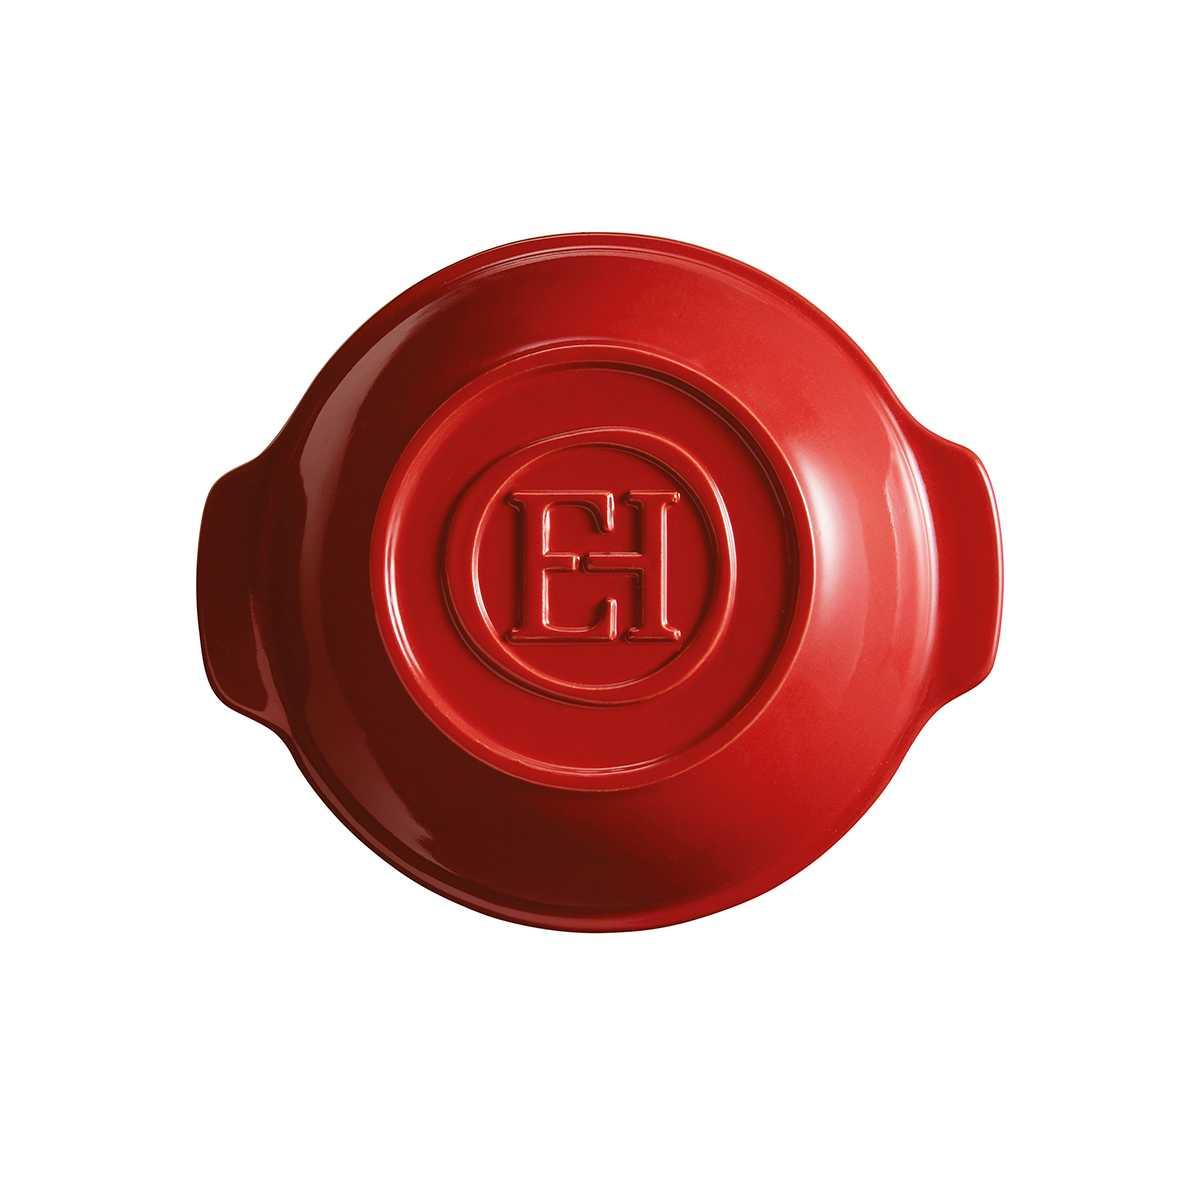 Горшочек для овощей Emile Henry Cookware, объем 2 л, красный Emile Henry 345500 фото 1